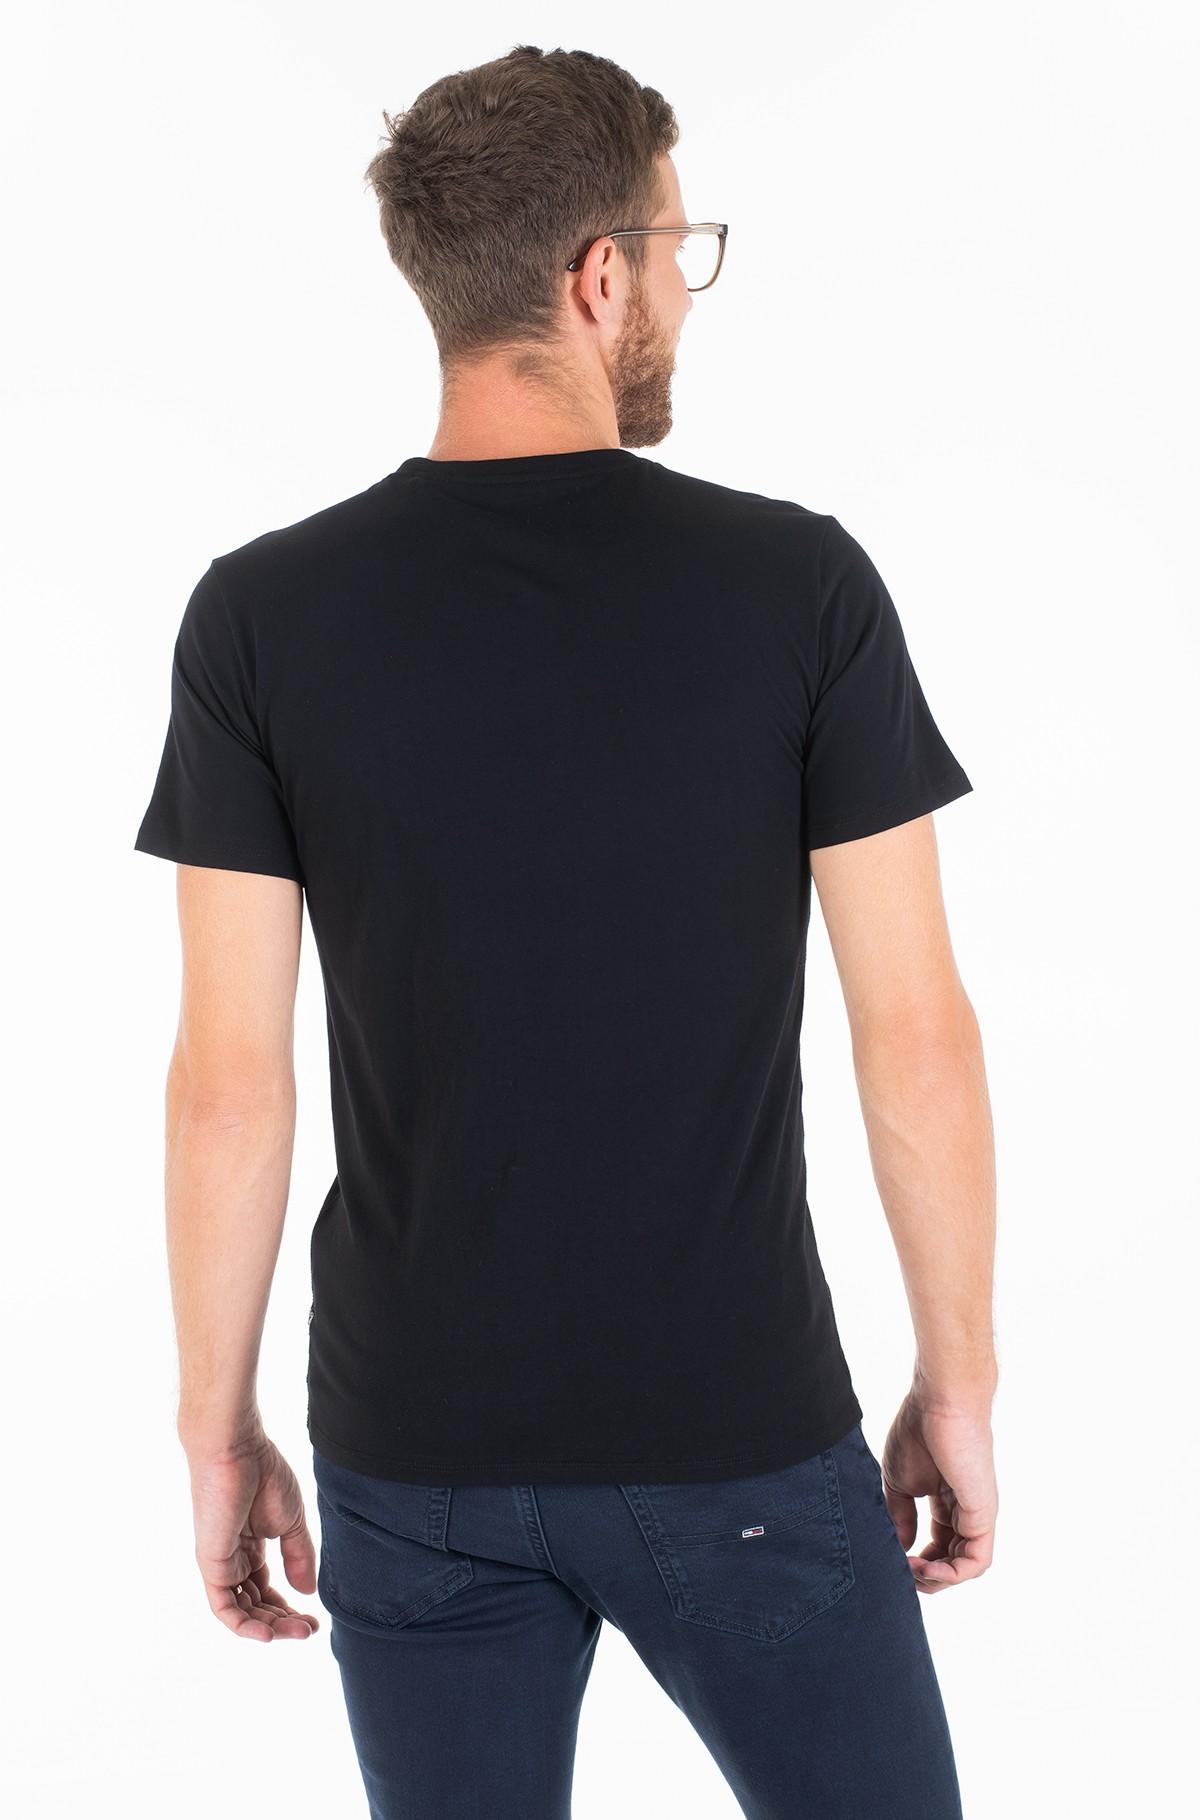 T-shirt M01I53 K9H10-full-2